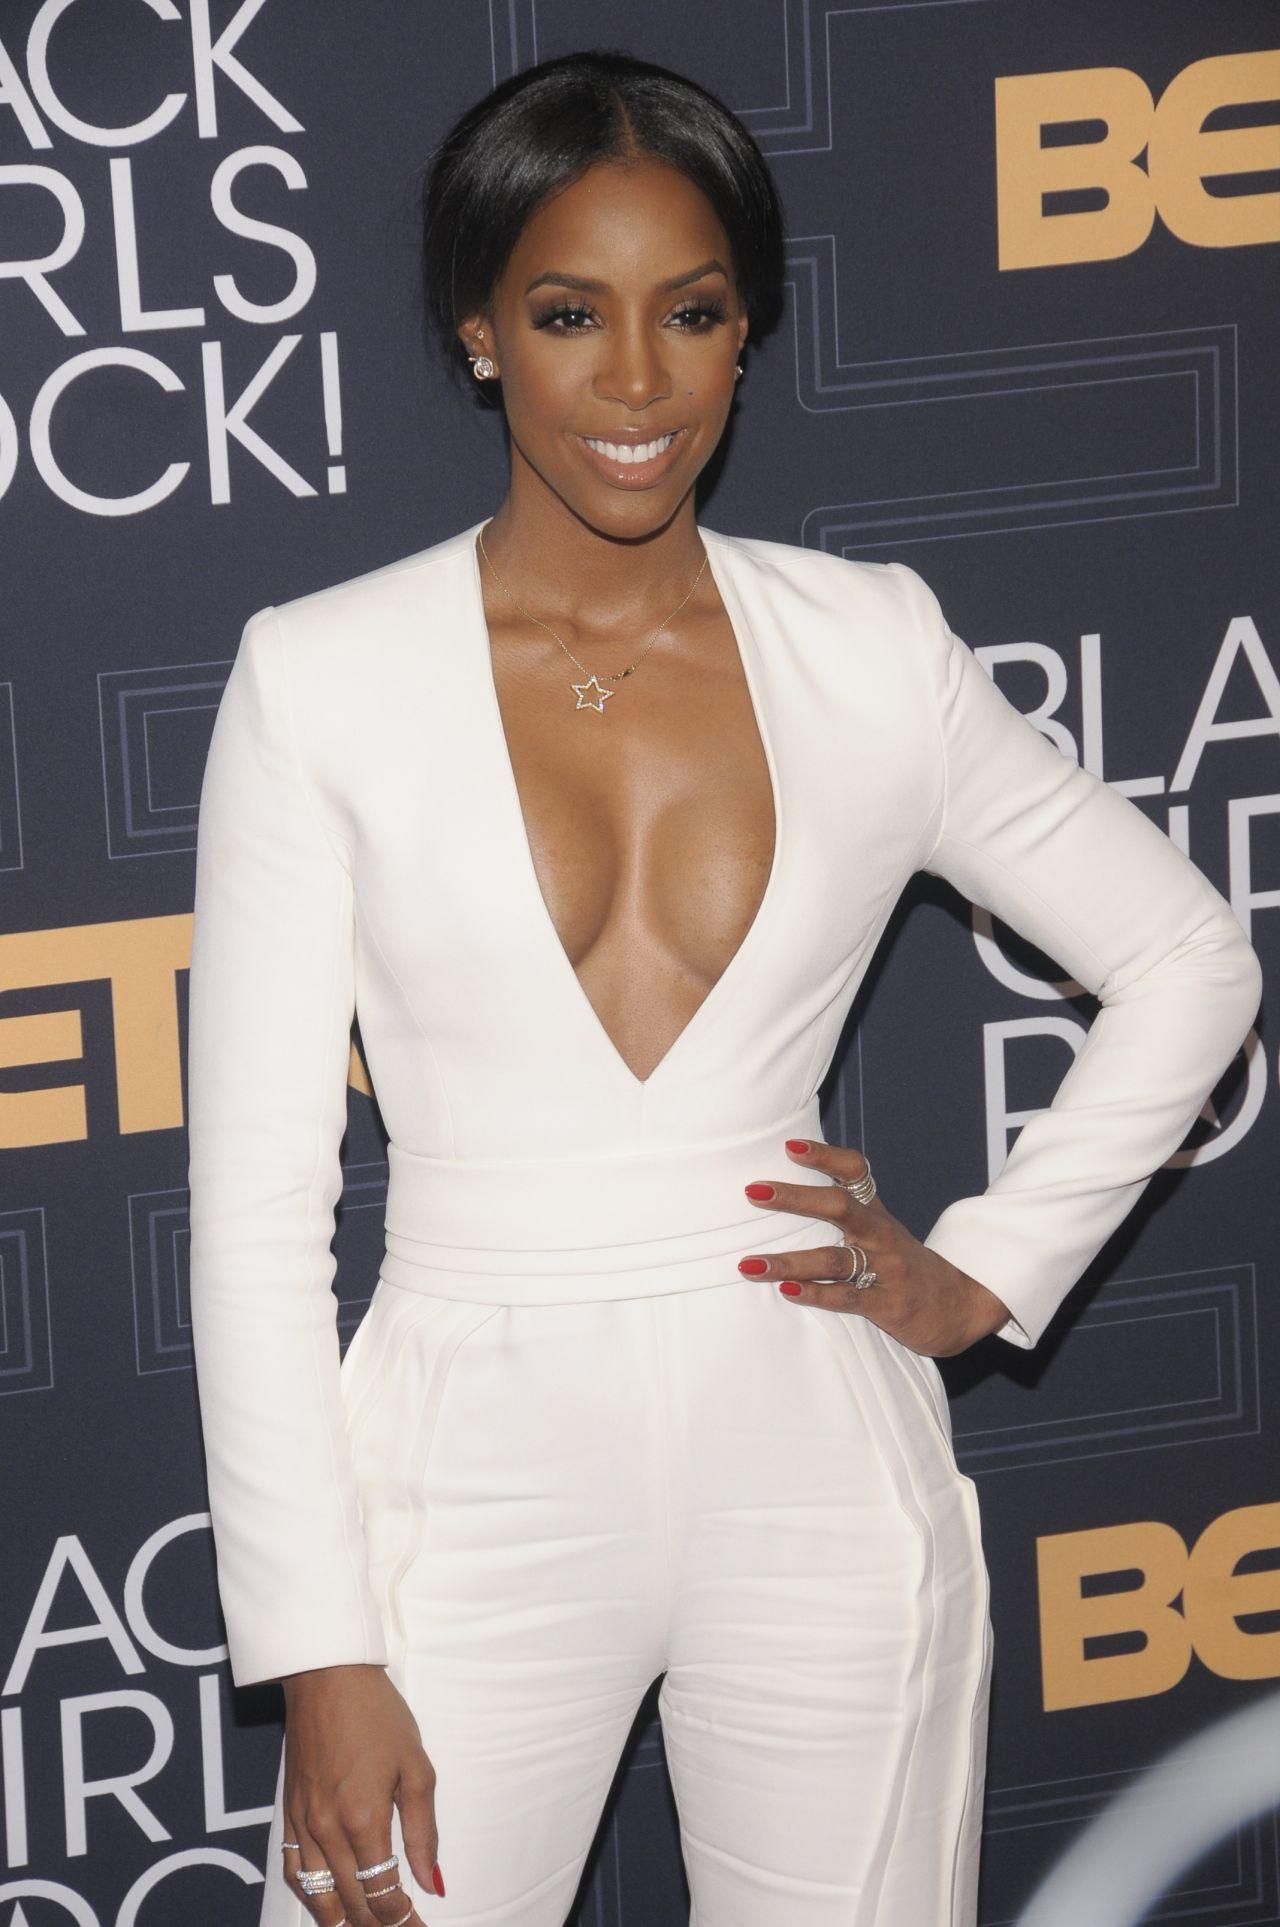 Kelly Rowland Bet Black Girls Rock In Newark 4 1 2016